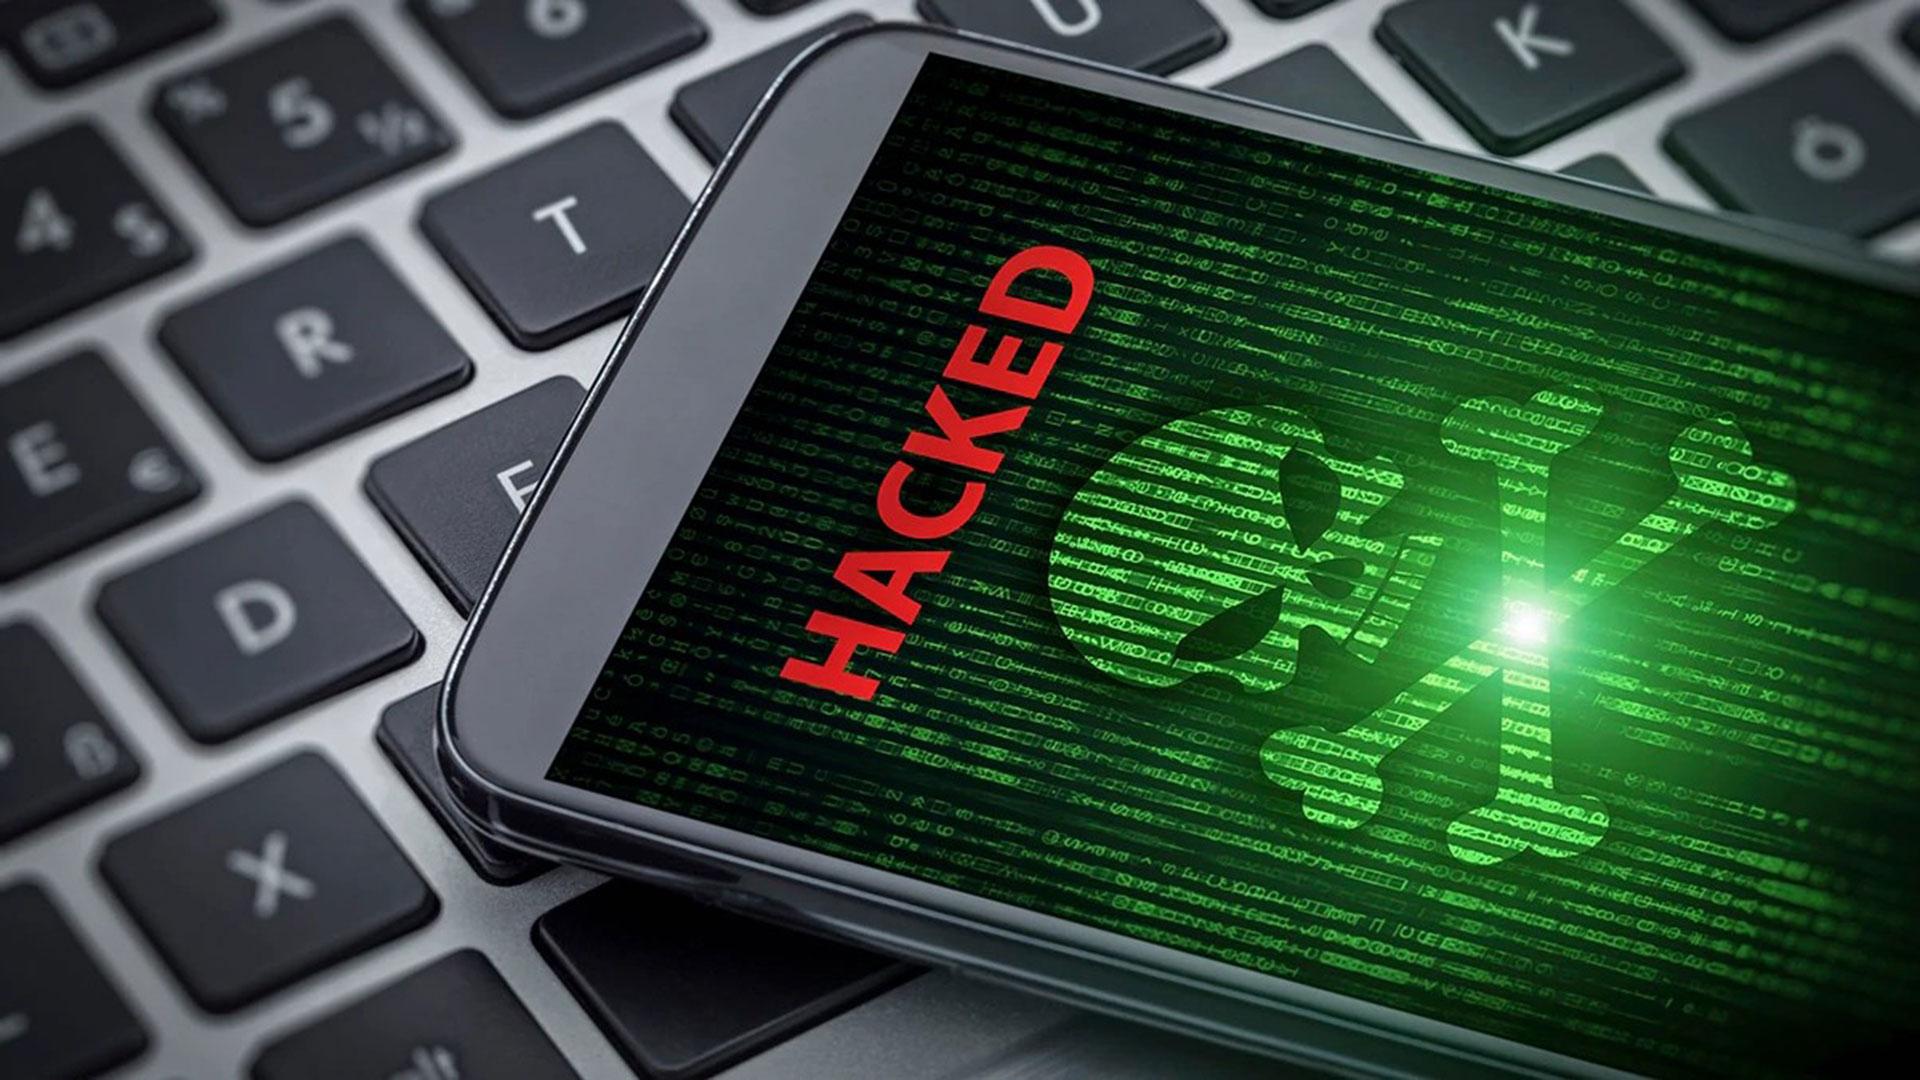 Los hackers venden los datos que obtienen en la dark web (Foto: Especial)